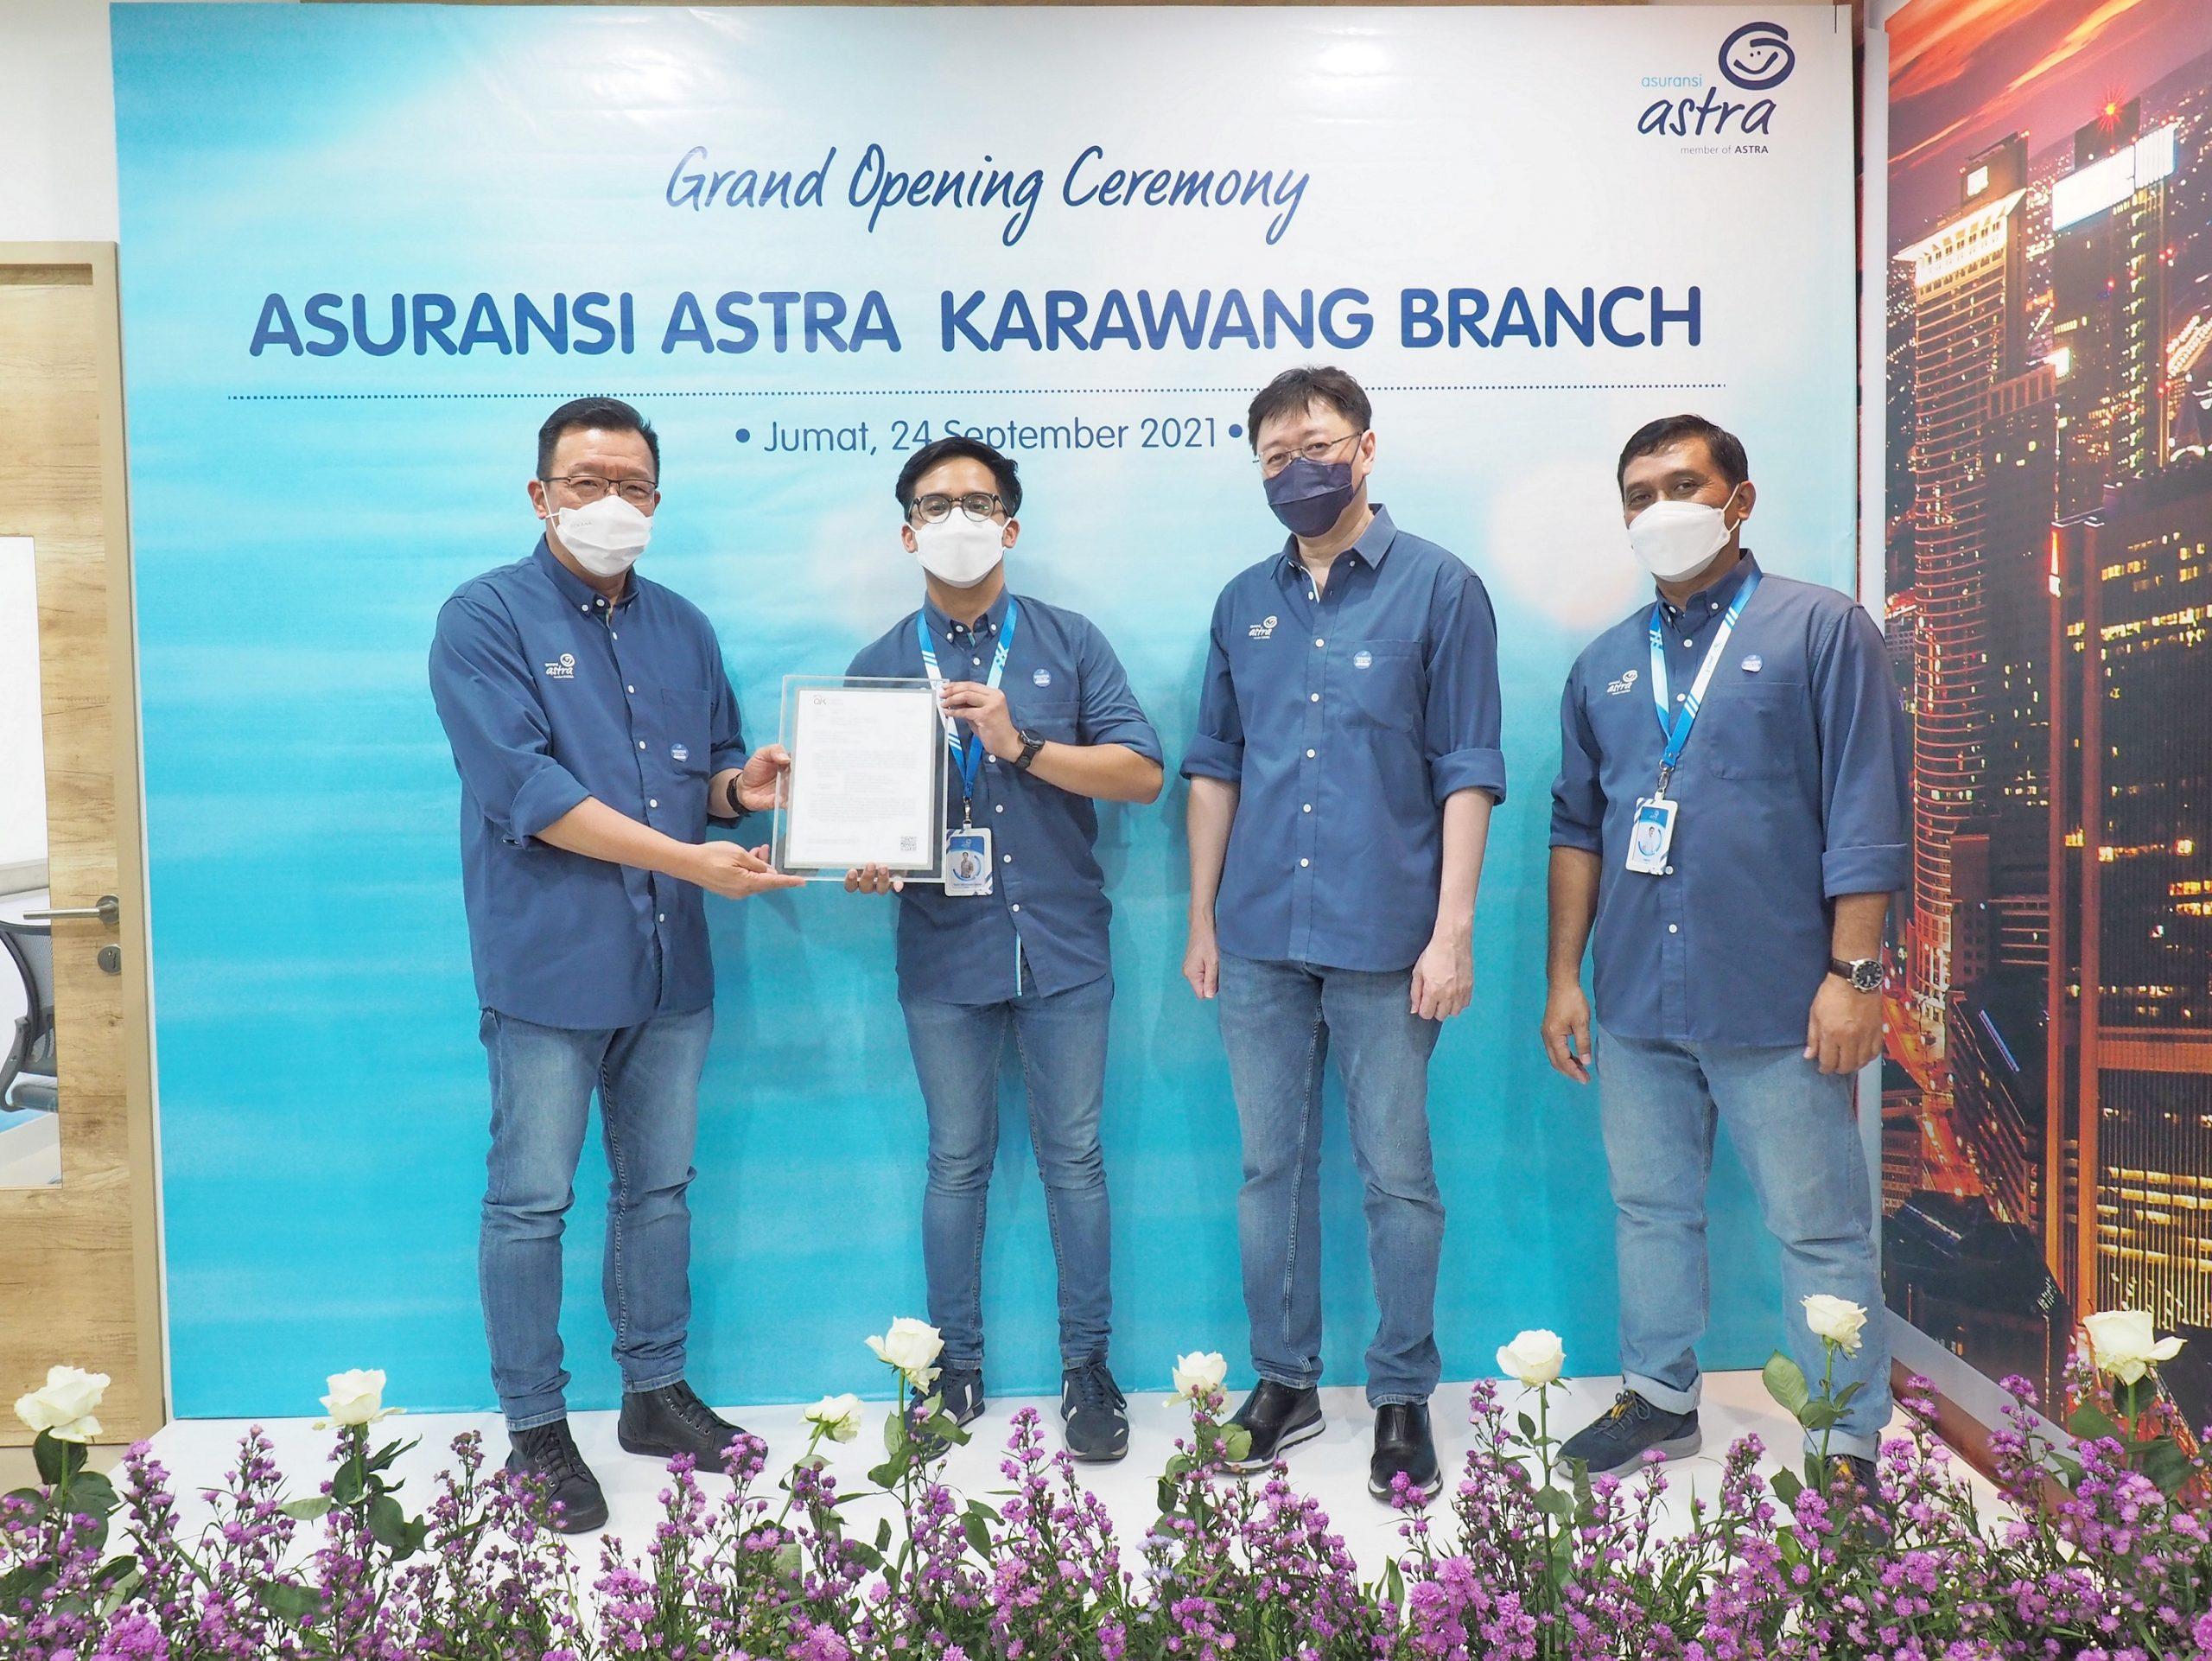 menerima sertifikat pembukaan kantor cabang baru di Karawang dari Otoritas Jasa Keuangan (OJK)